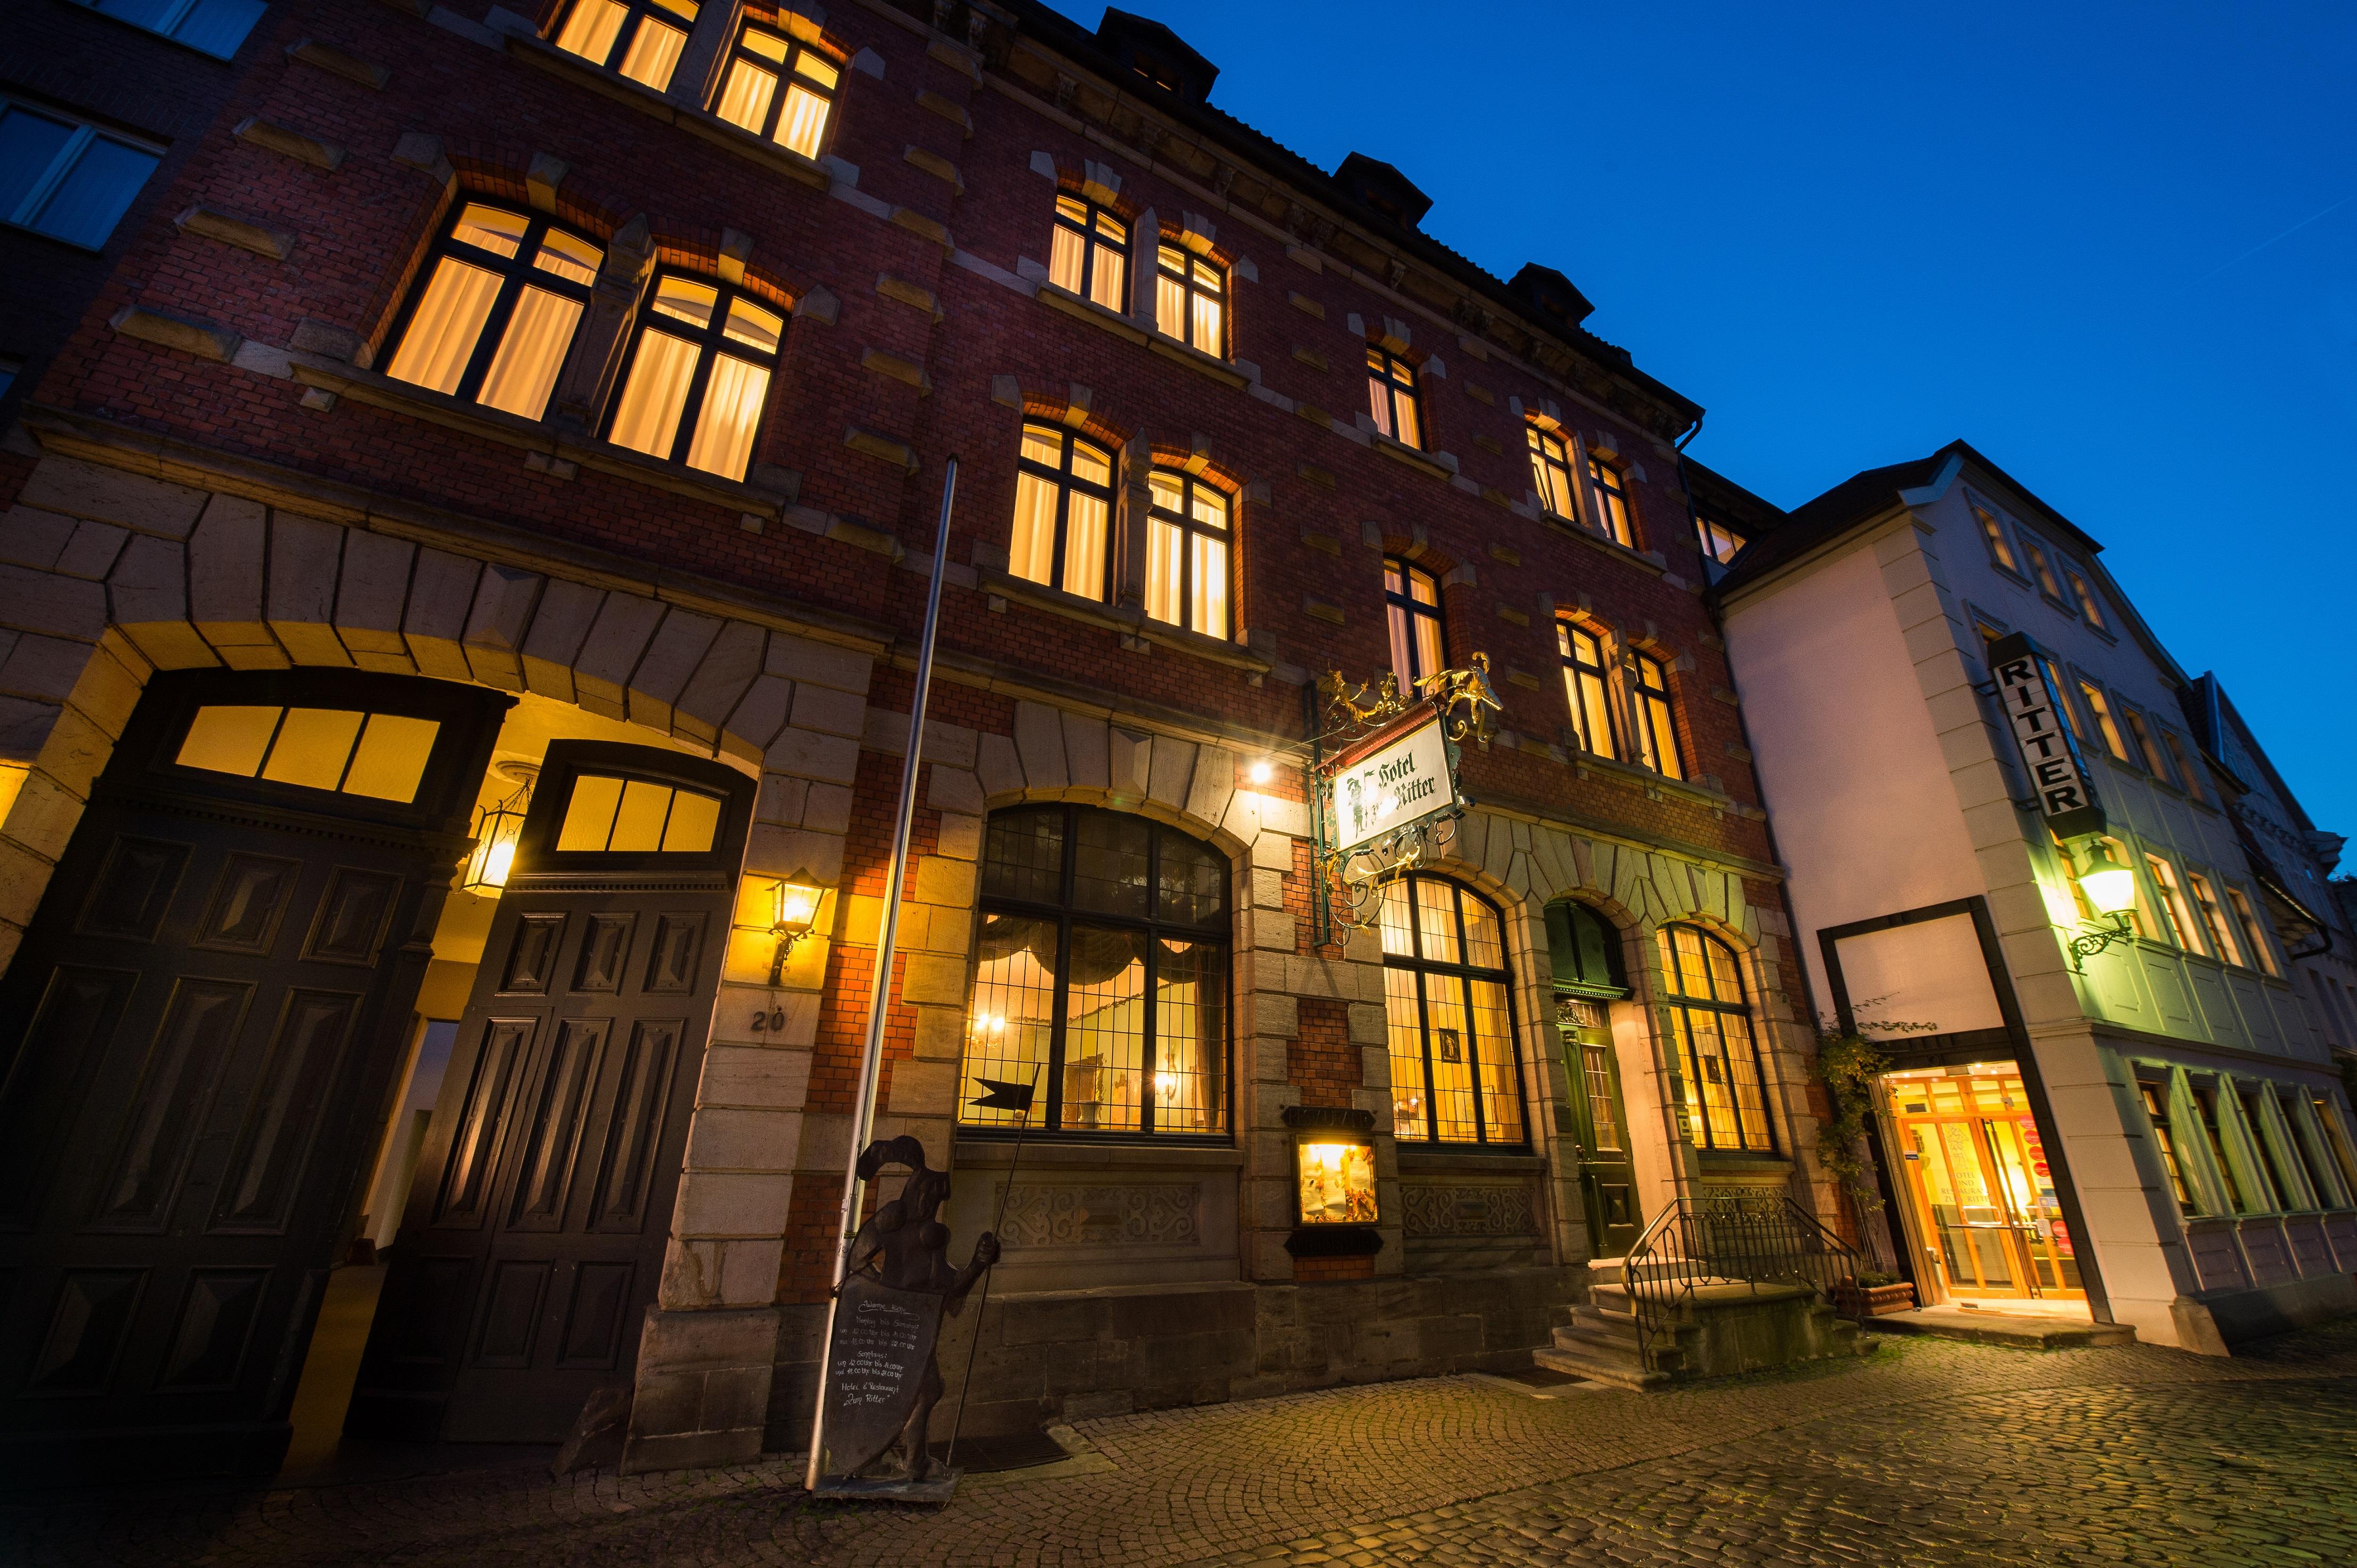 Schönes, altes Hotel in der Altstadt von Fulda Hotel Ritter